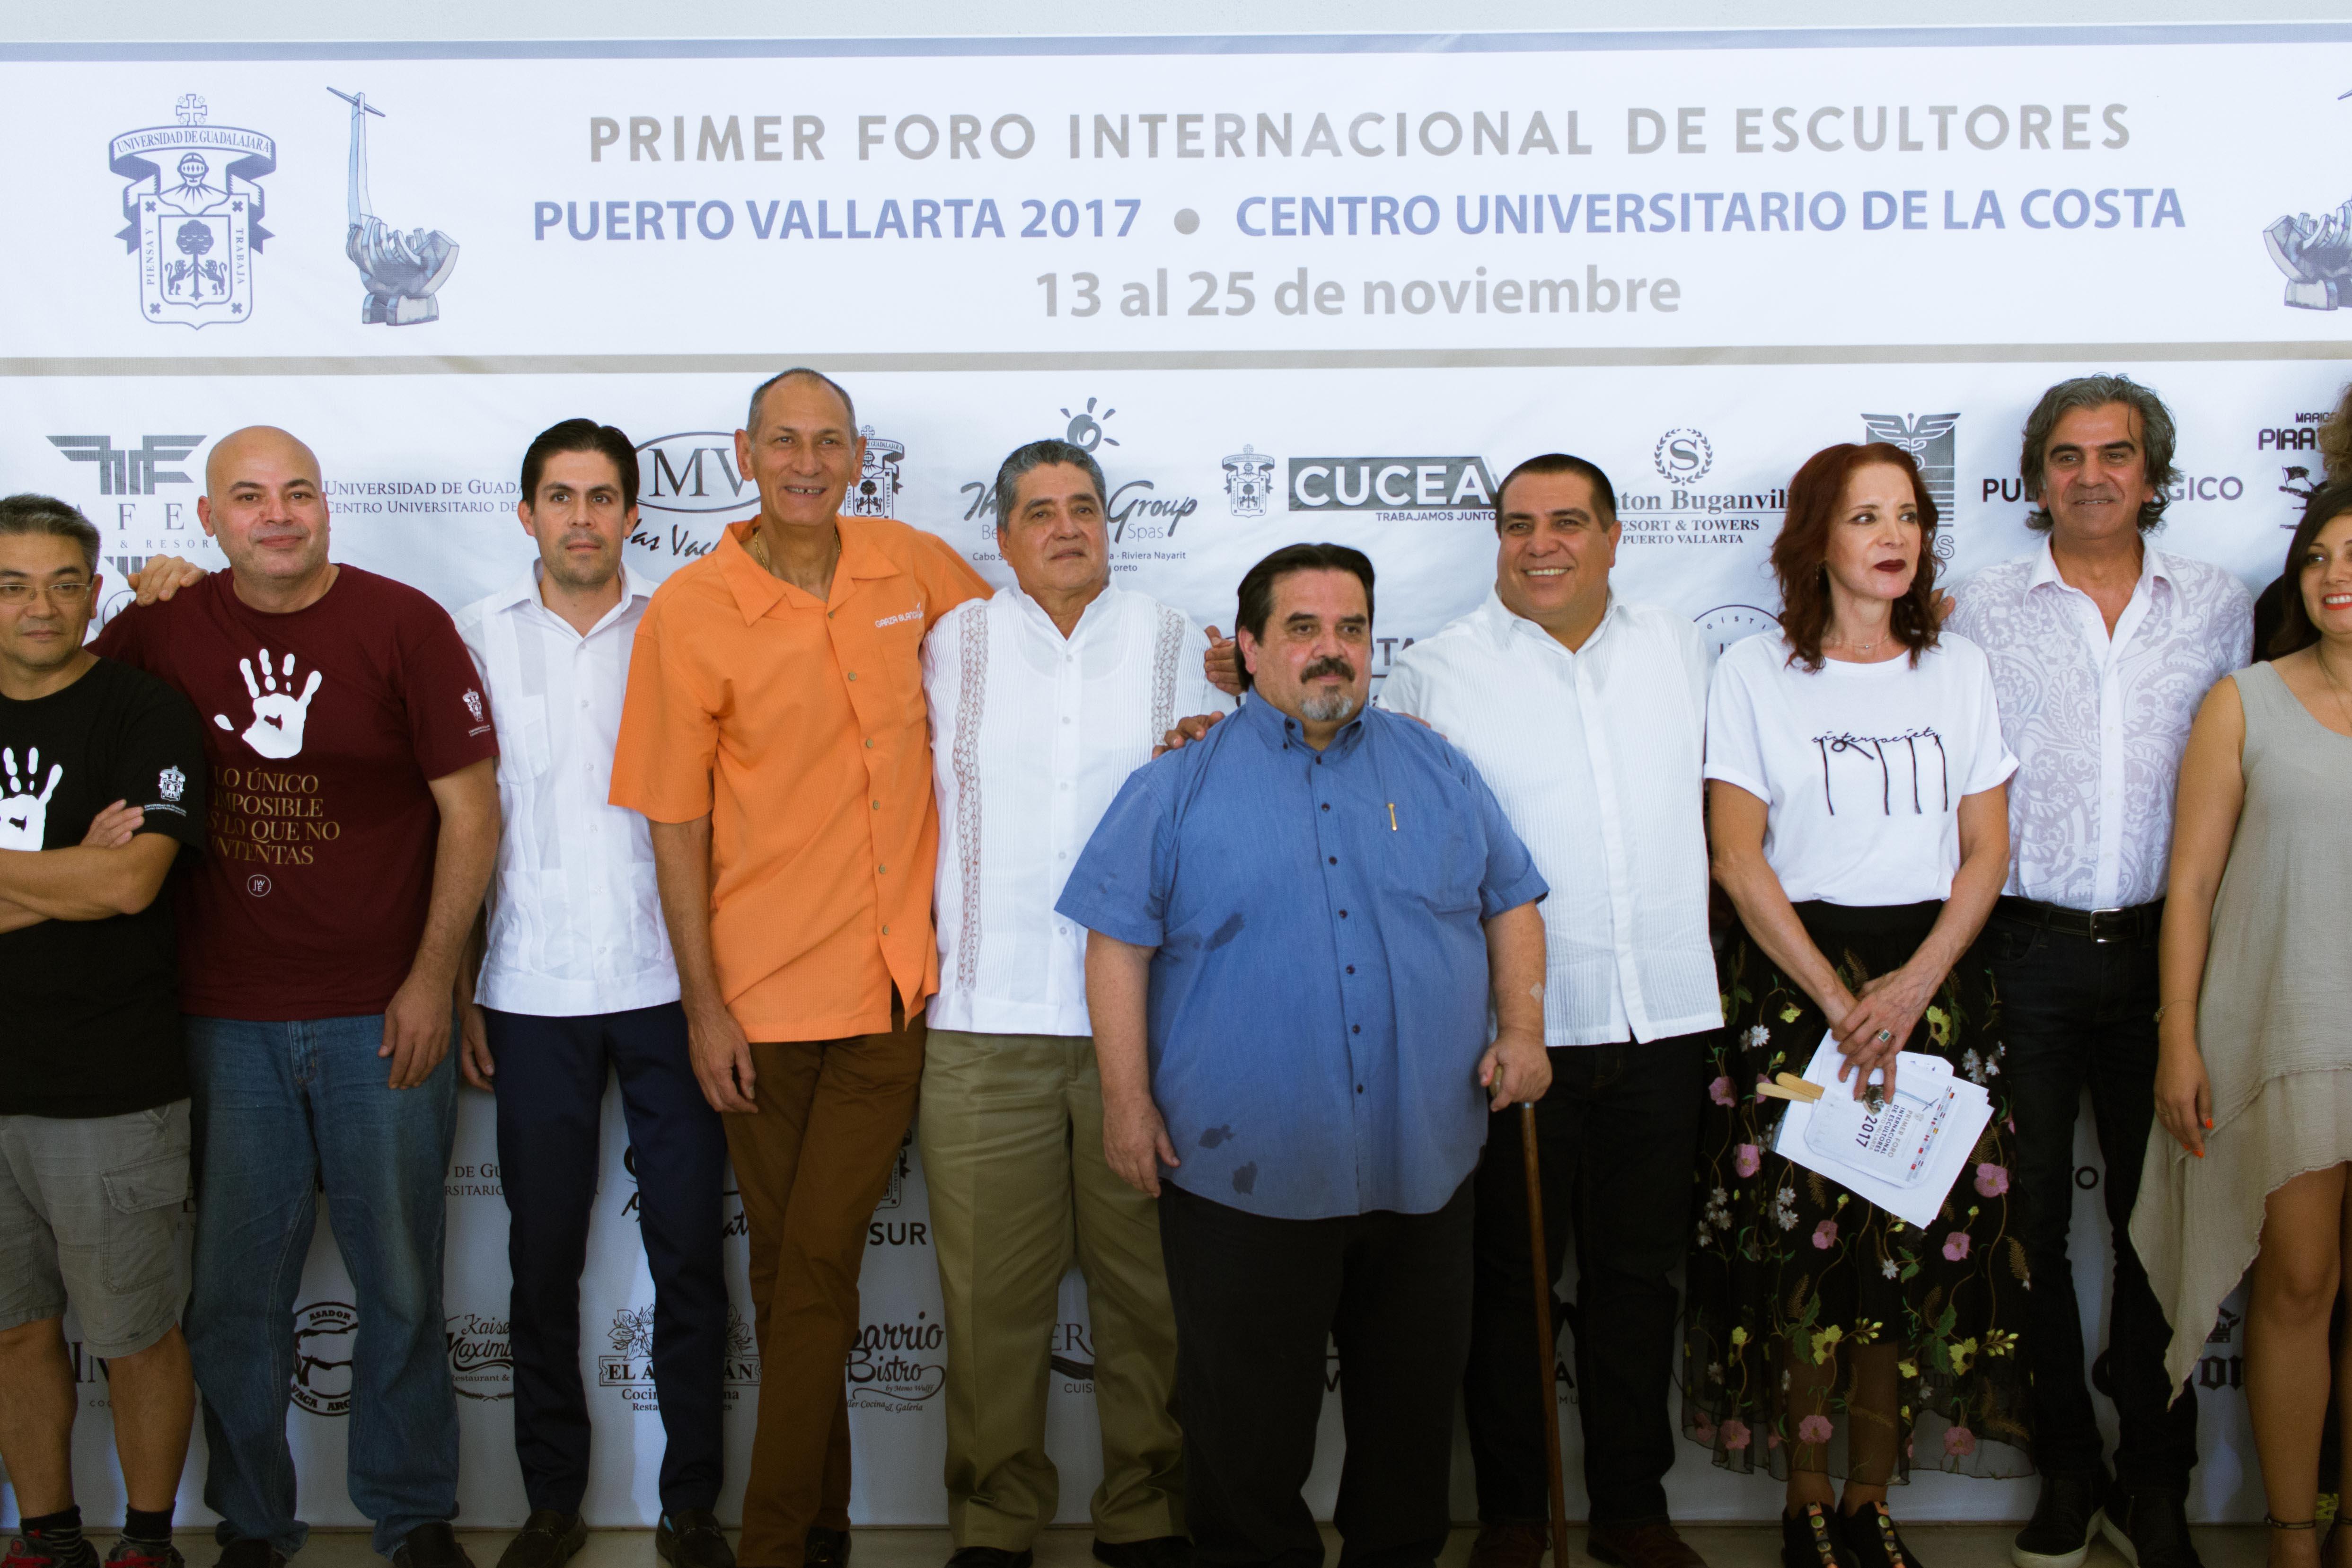 Autoridades universitarias y municipales e integrantes del sector empresaria, en la inauguración del foro Internacional de Escultores